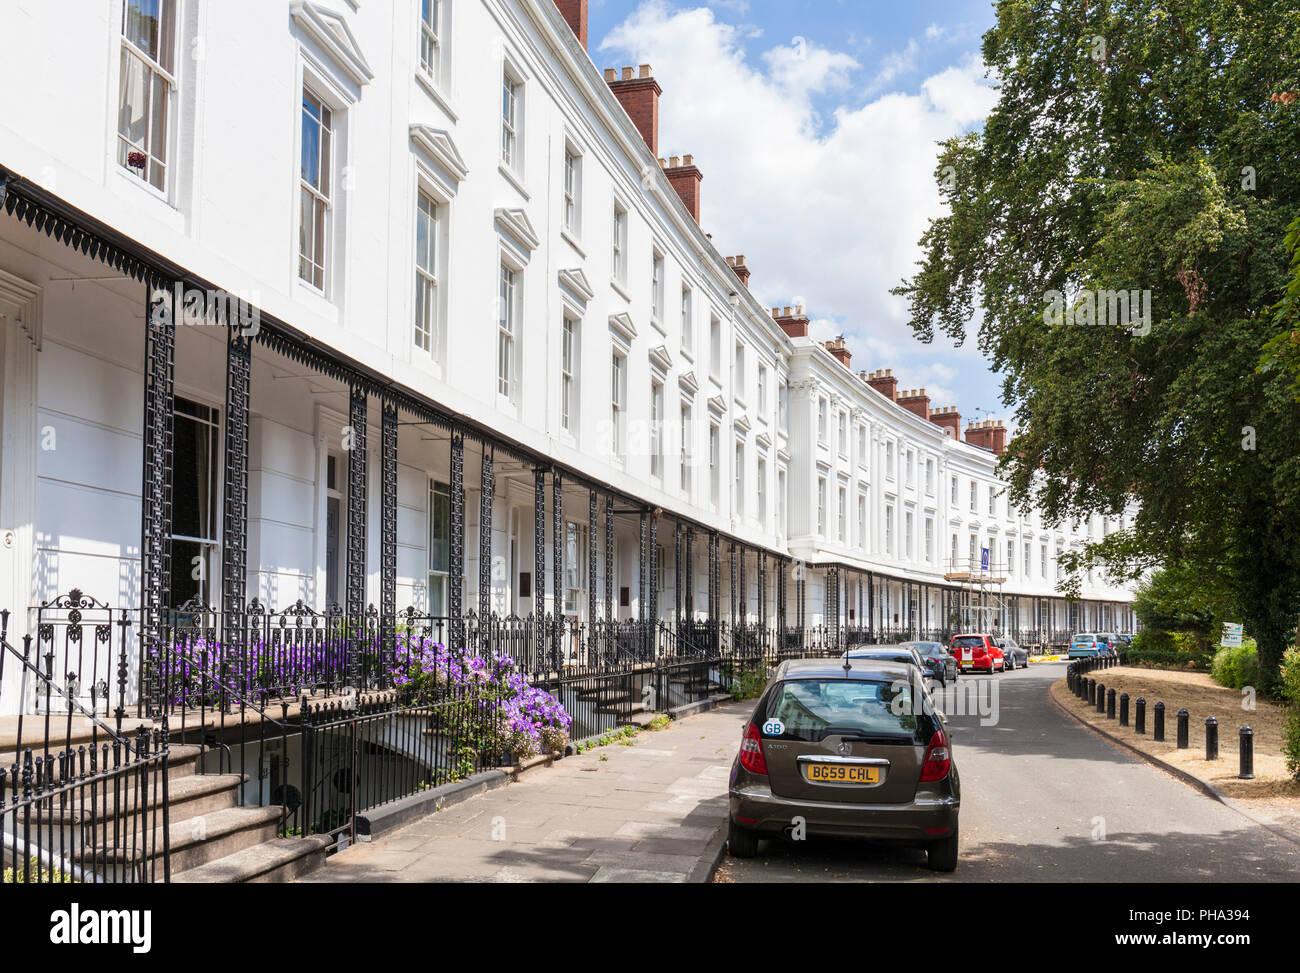 Leamington Spa royal leamington spa città architettura Regency di elementi in ferro battuto e balconi in Leamington Spa Warwickshire England Regno unito Gb europa Immagini Stock